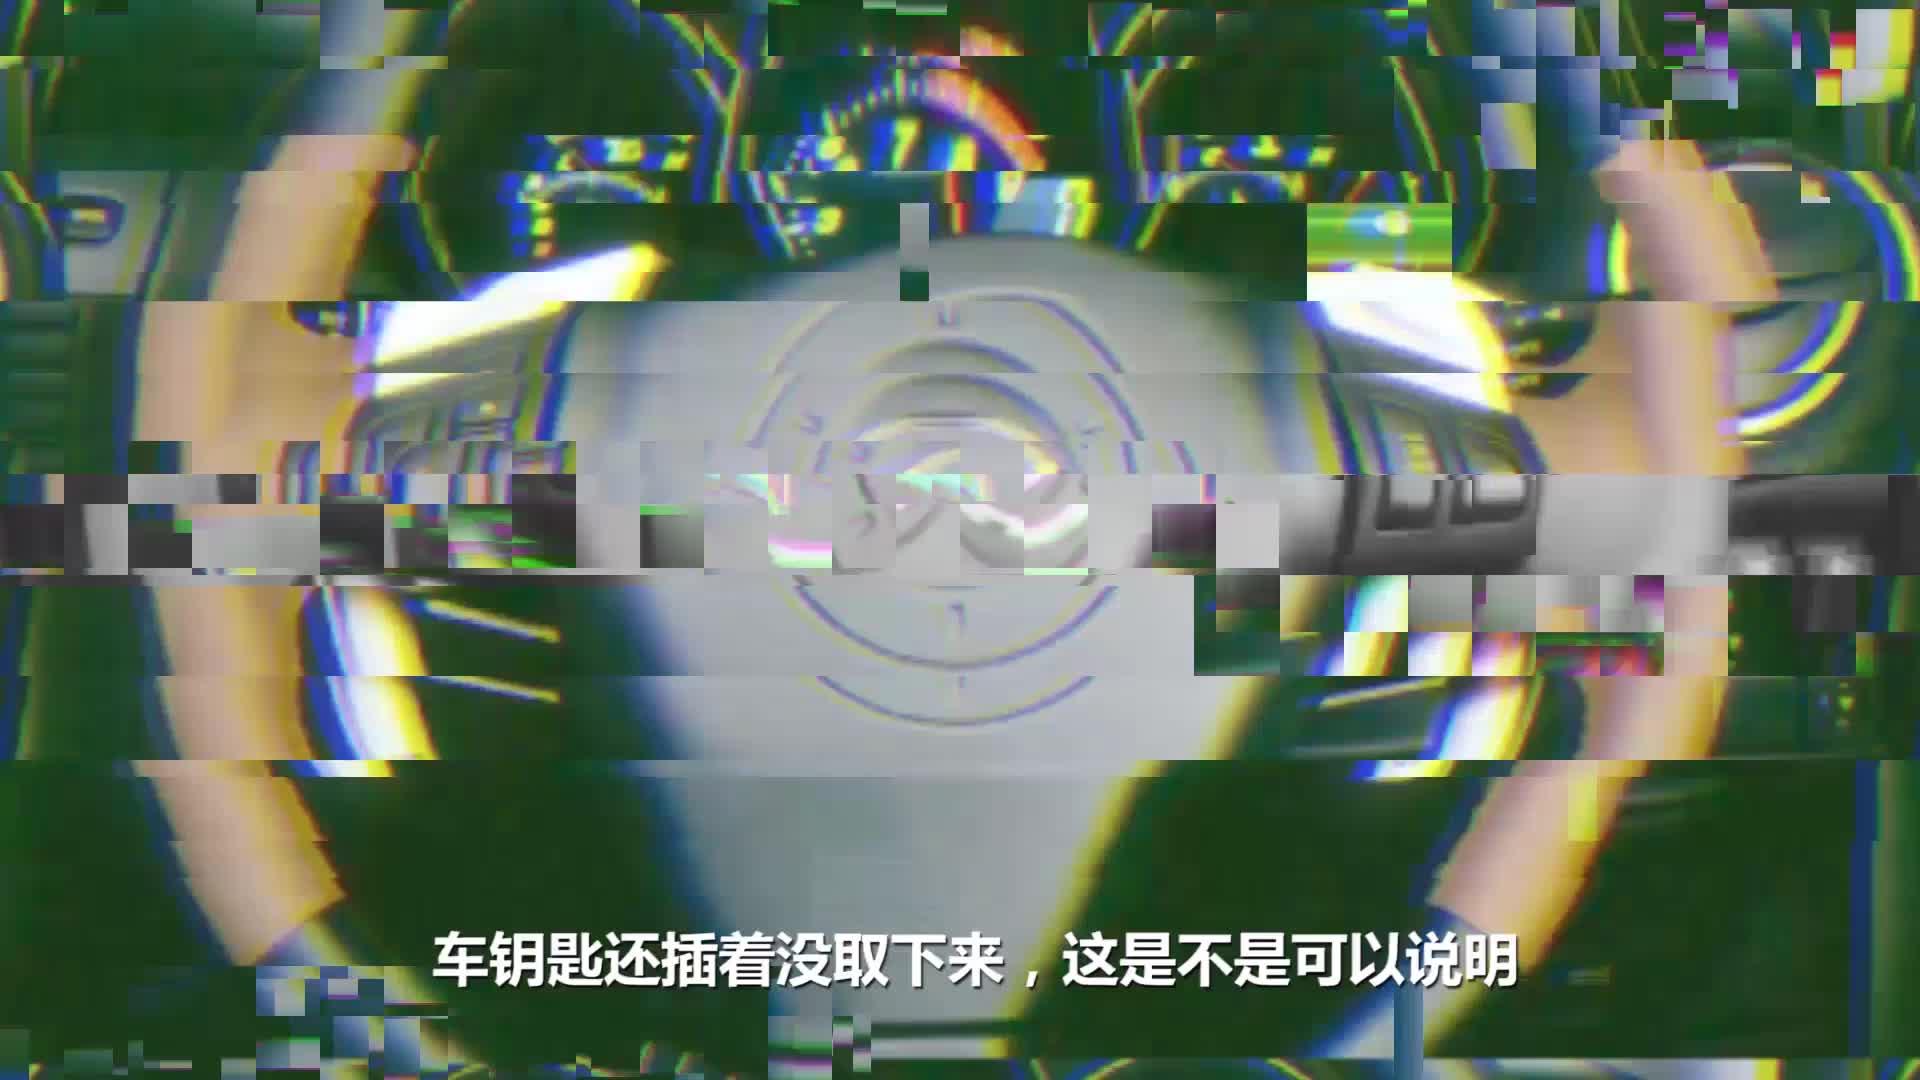 Big笑工坊-【唐唐频道说奇案】日本女老师马桶凶案!偷窥狂作死?